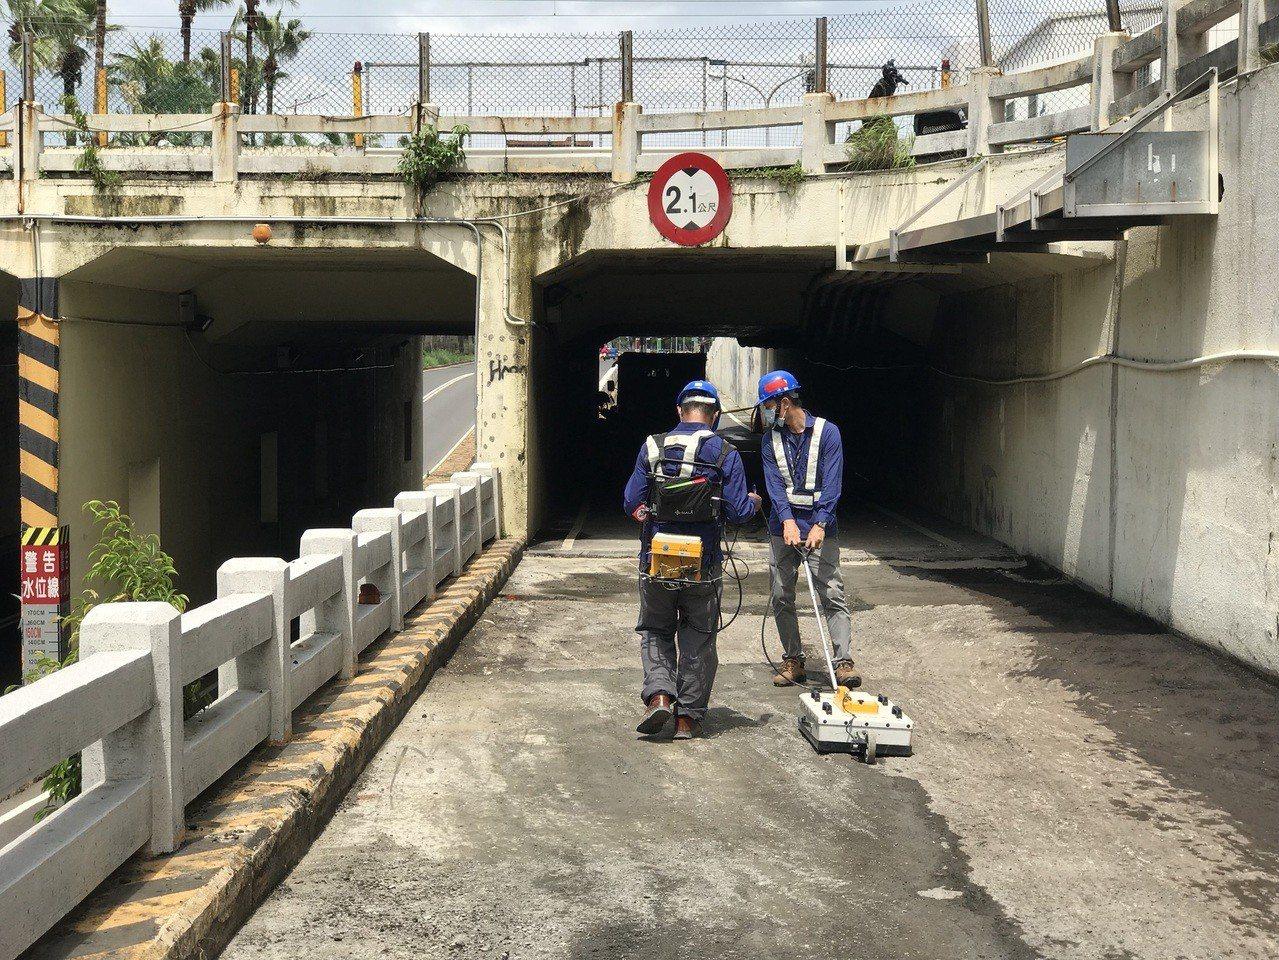 台南市東區大同地下道路面於19日發生坍塌,經連日搶修,預計今天下午3時恢復通行。...